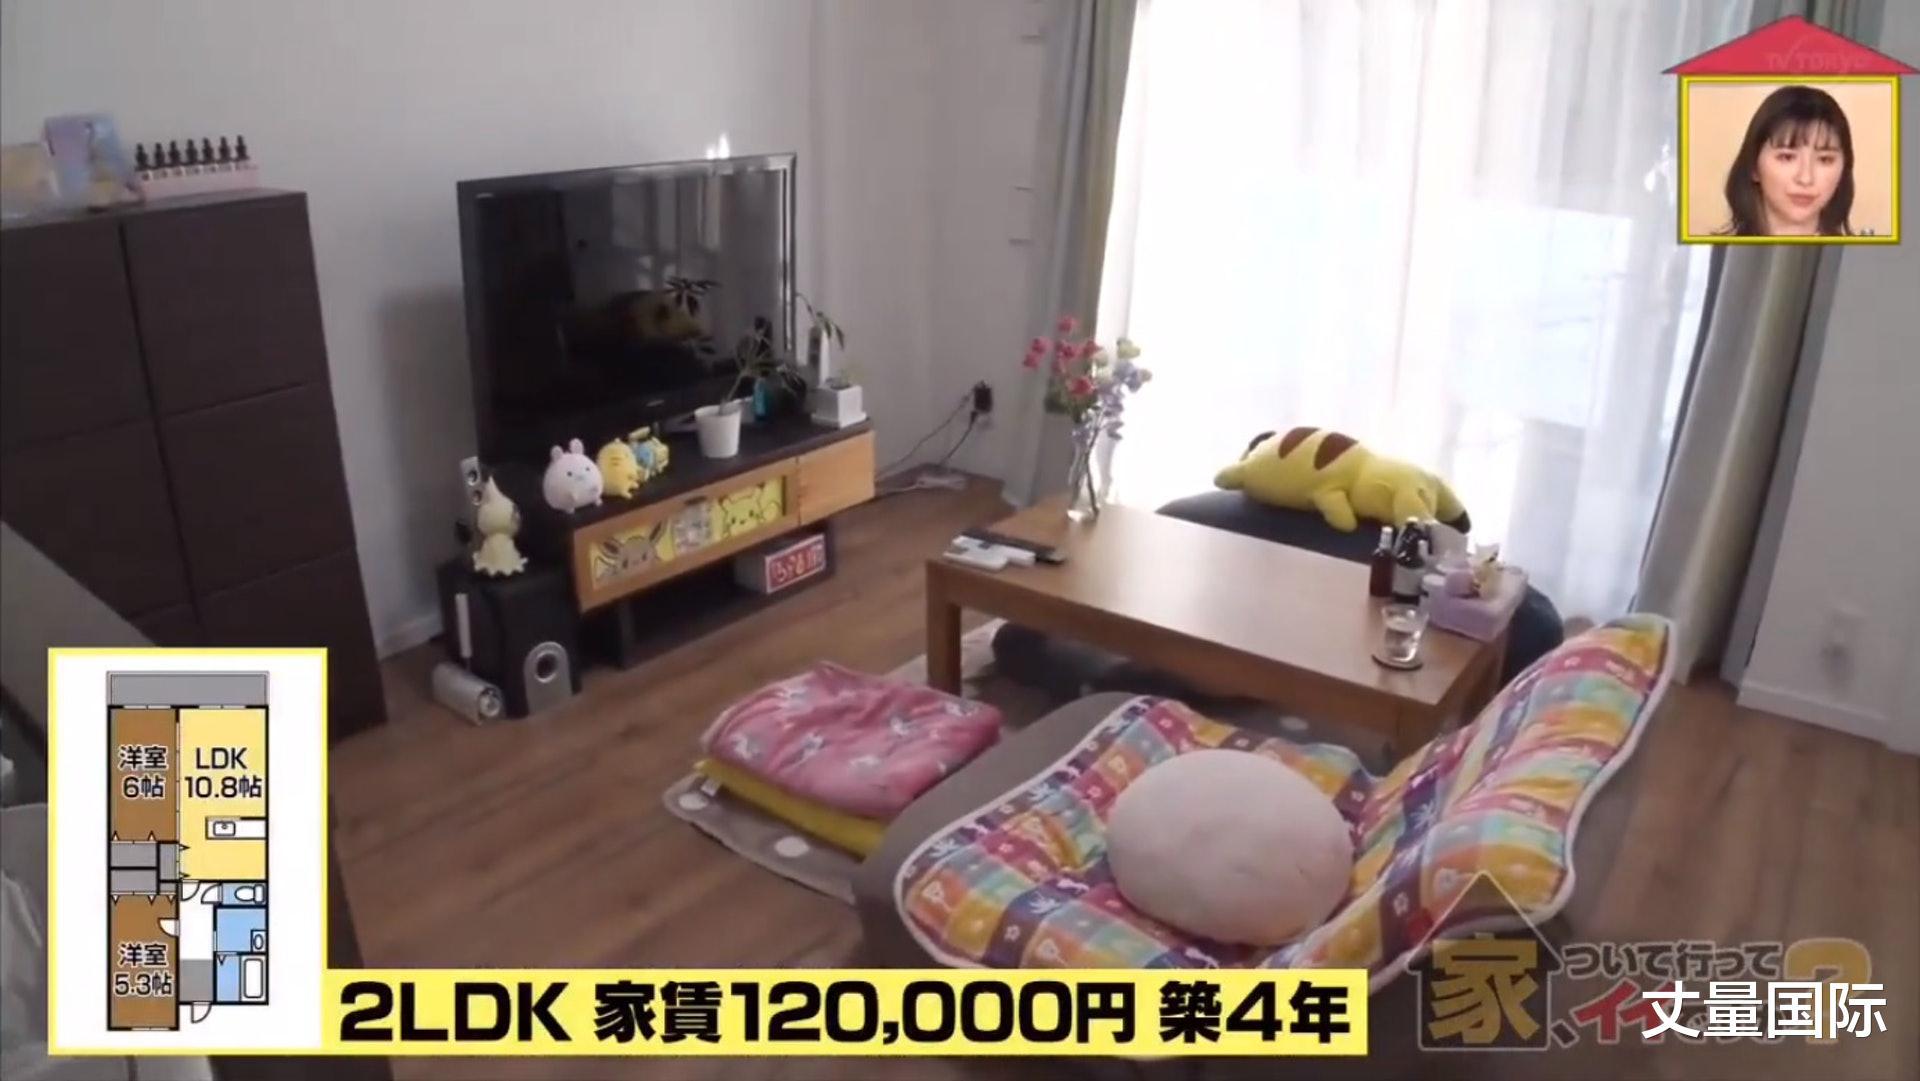 日本夫婦另類AA制婚姻生活,分床睡覺從不牽手,連做傢務都計時薪-圖6